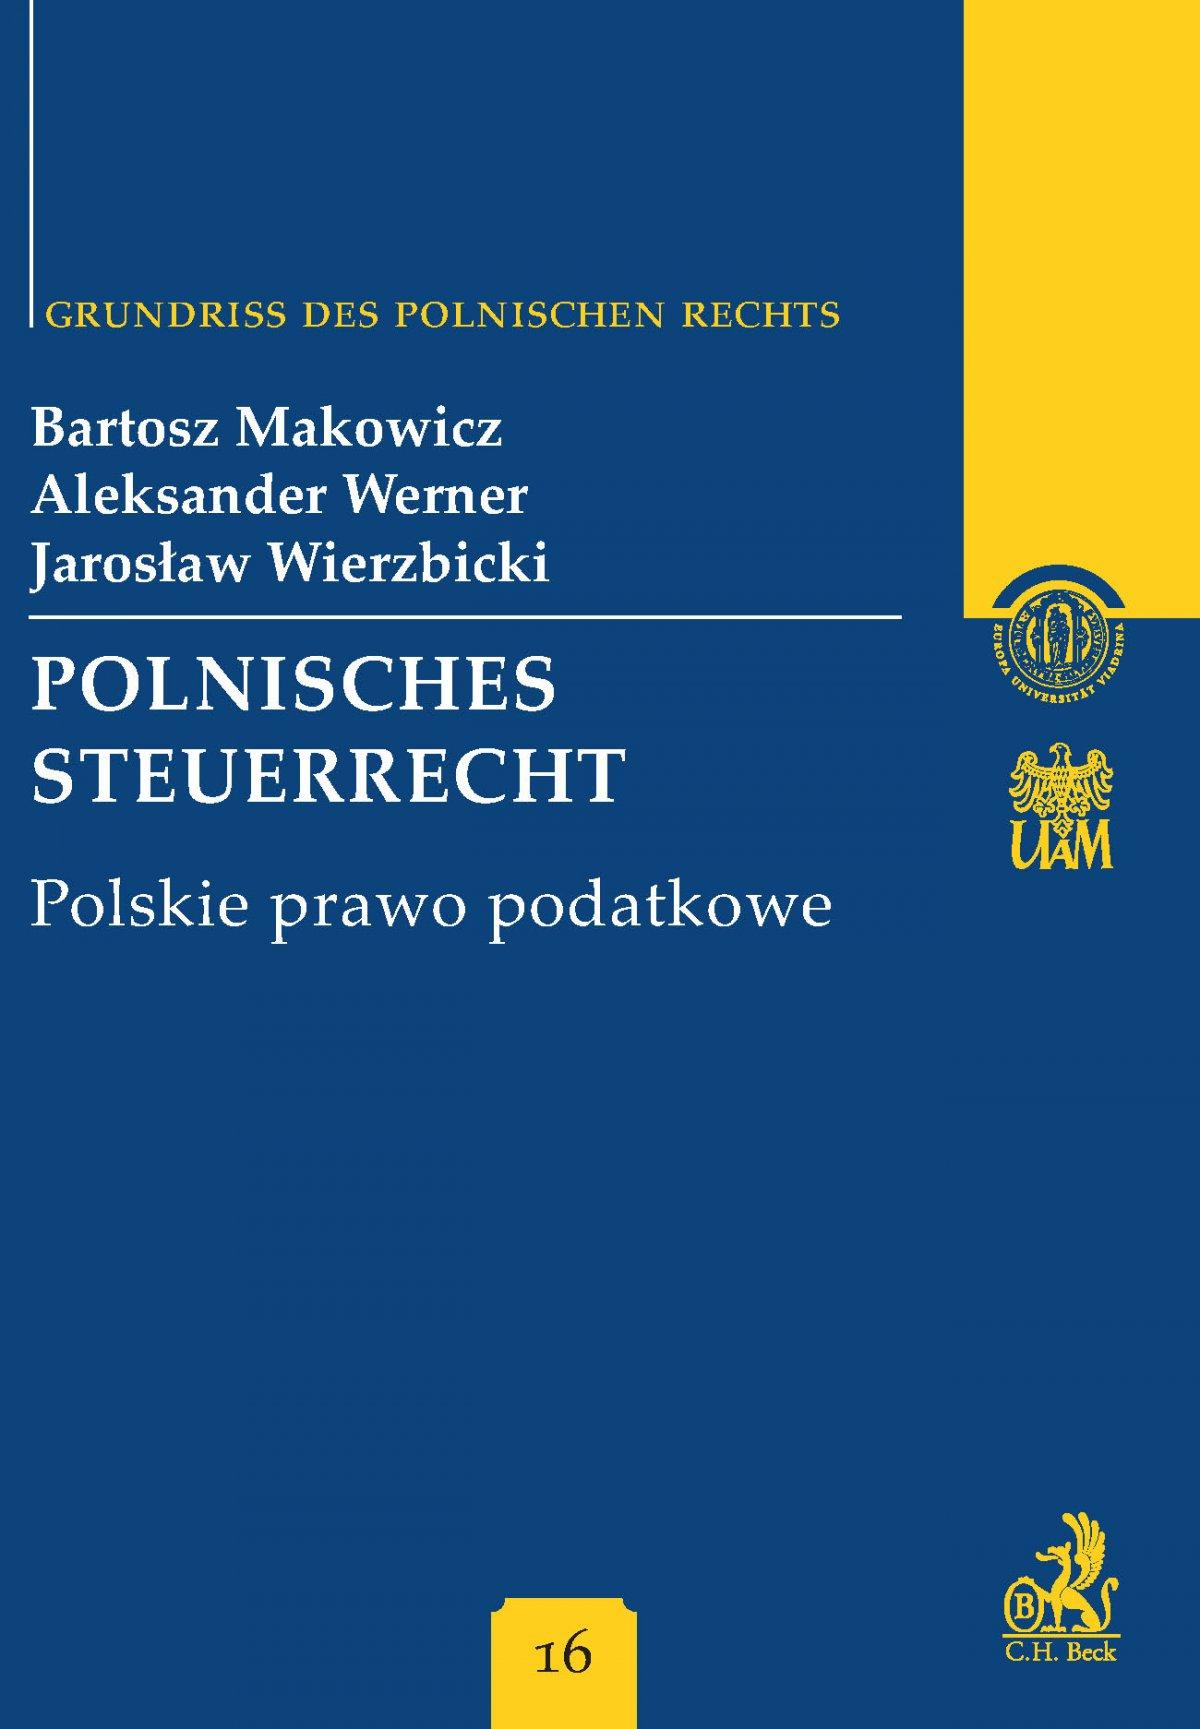 Polnisches Steuerrecht Polskie prawo podatkowe Band 16 - Ebook (Książka PDF) do pobrania w formacie PDF